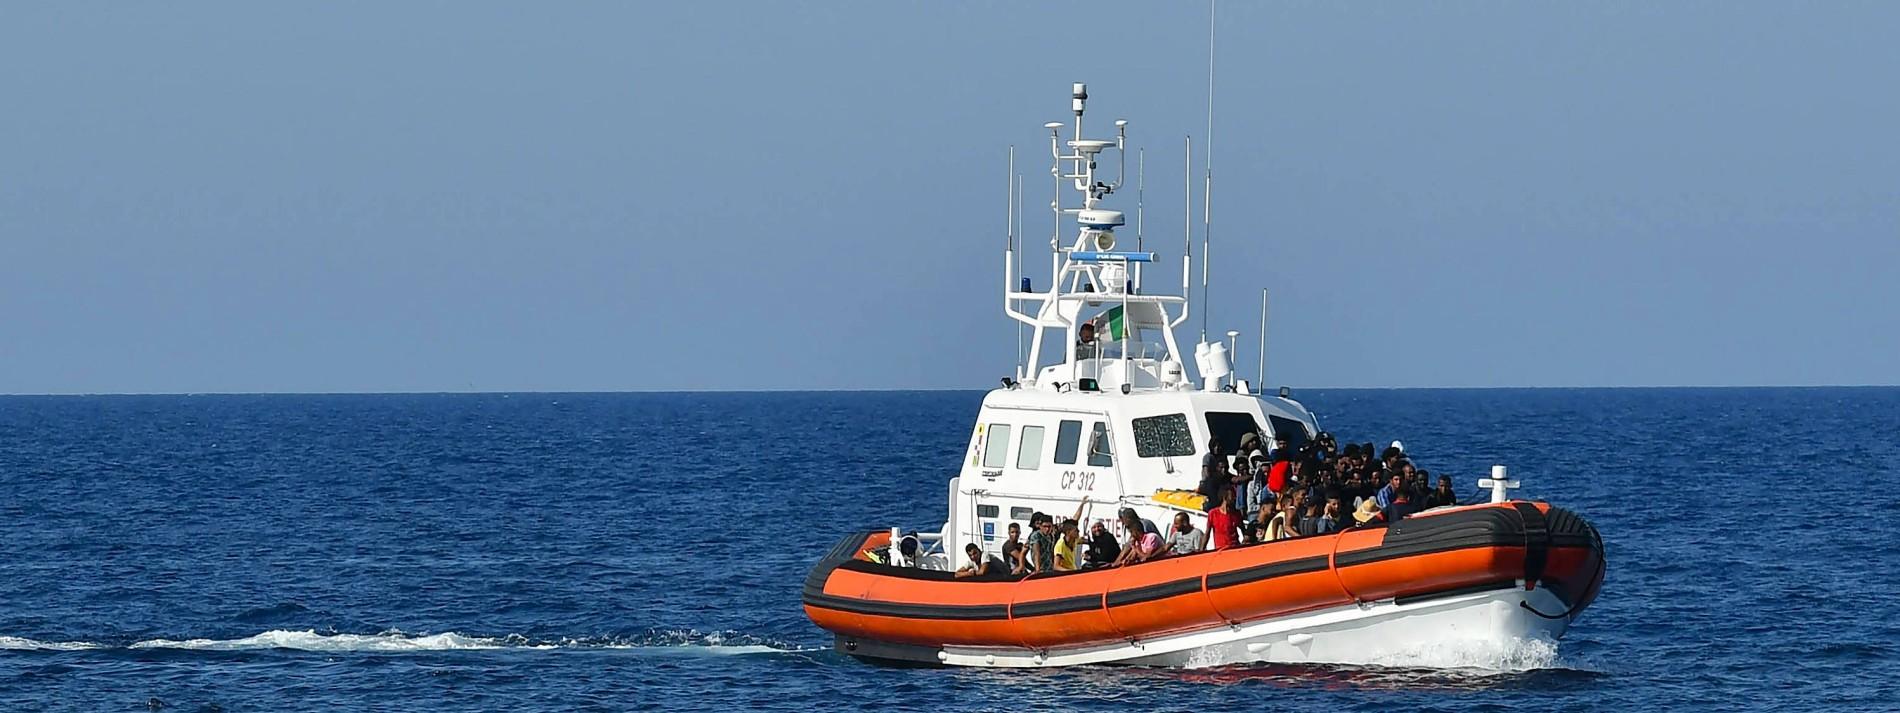 45 Migranten kommen bei Schiffsunglück ums Leben